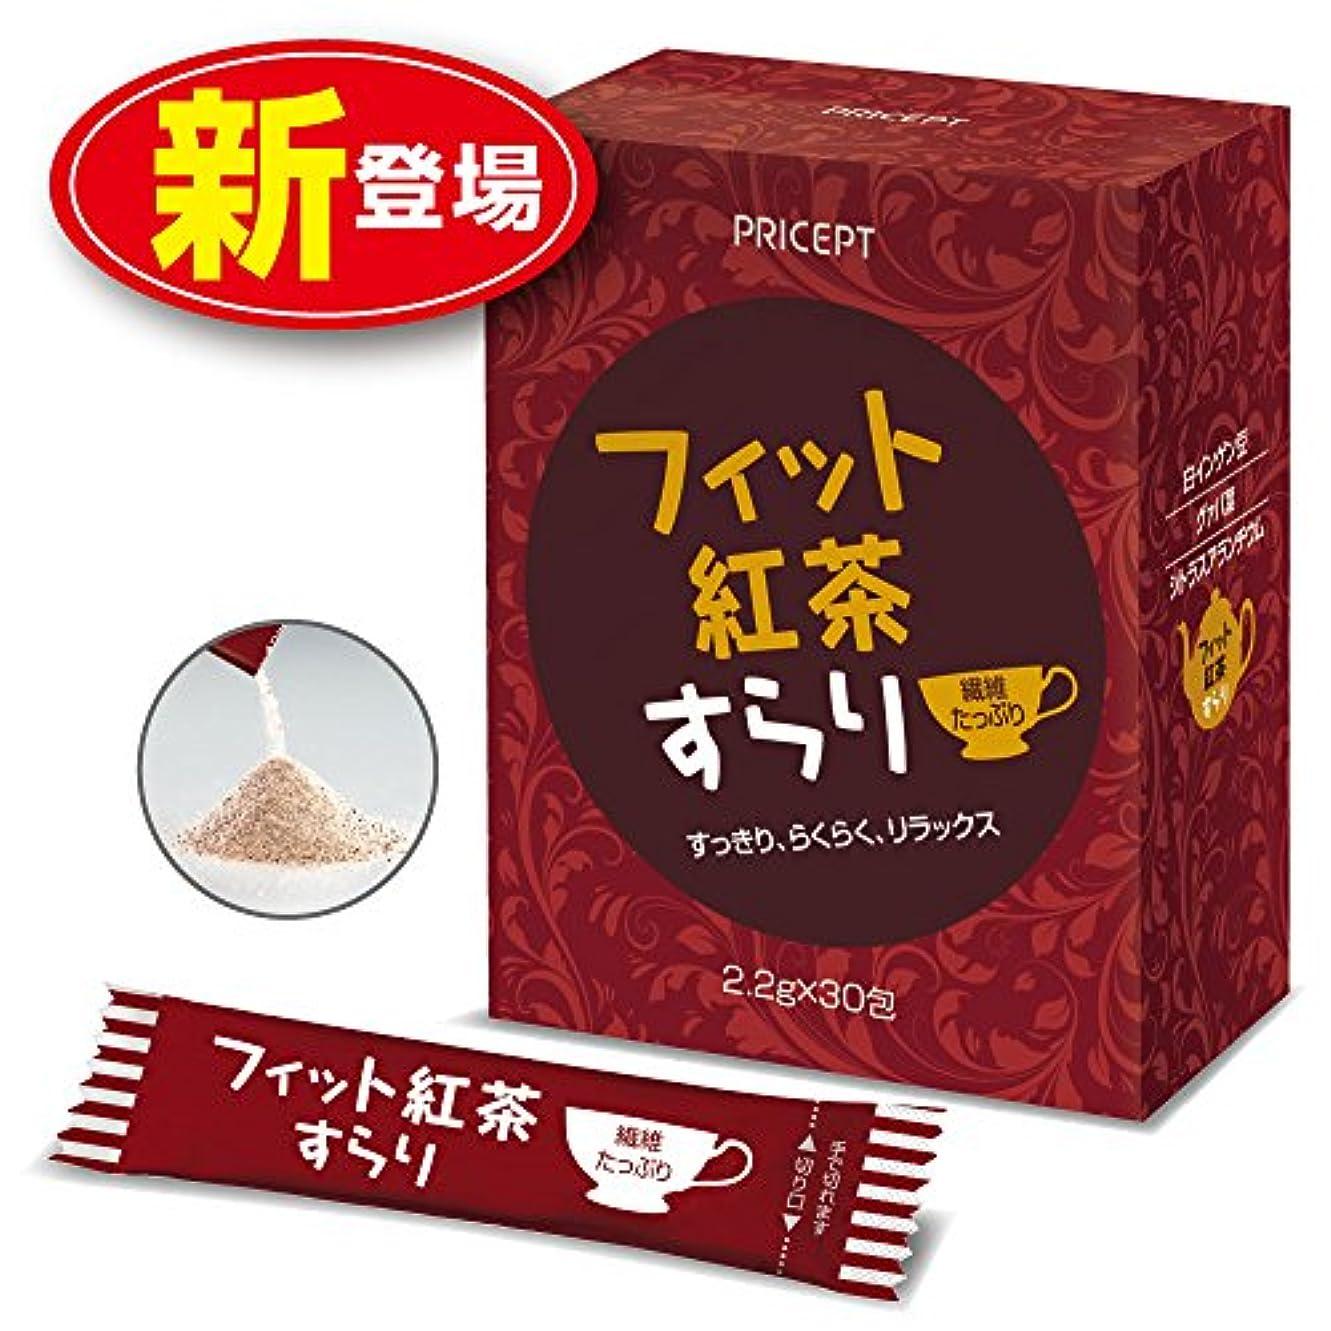 メンタリティミスペンド同盟プリセプト フィット紅茶すらり(30包)【単品】(食物繊維配合ダイエットサポート紅茶)